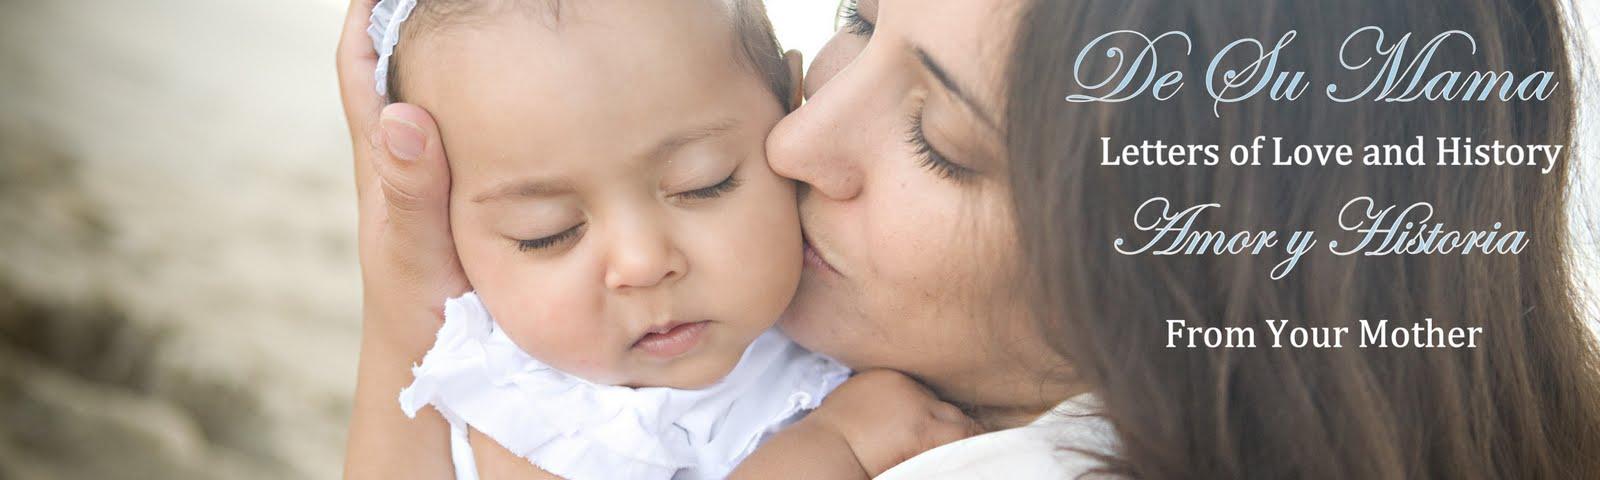 letras de amor. De Su Mama: Letra De Amor: